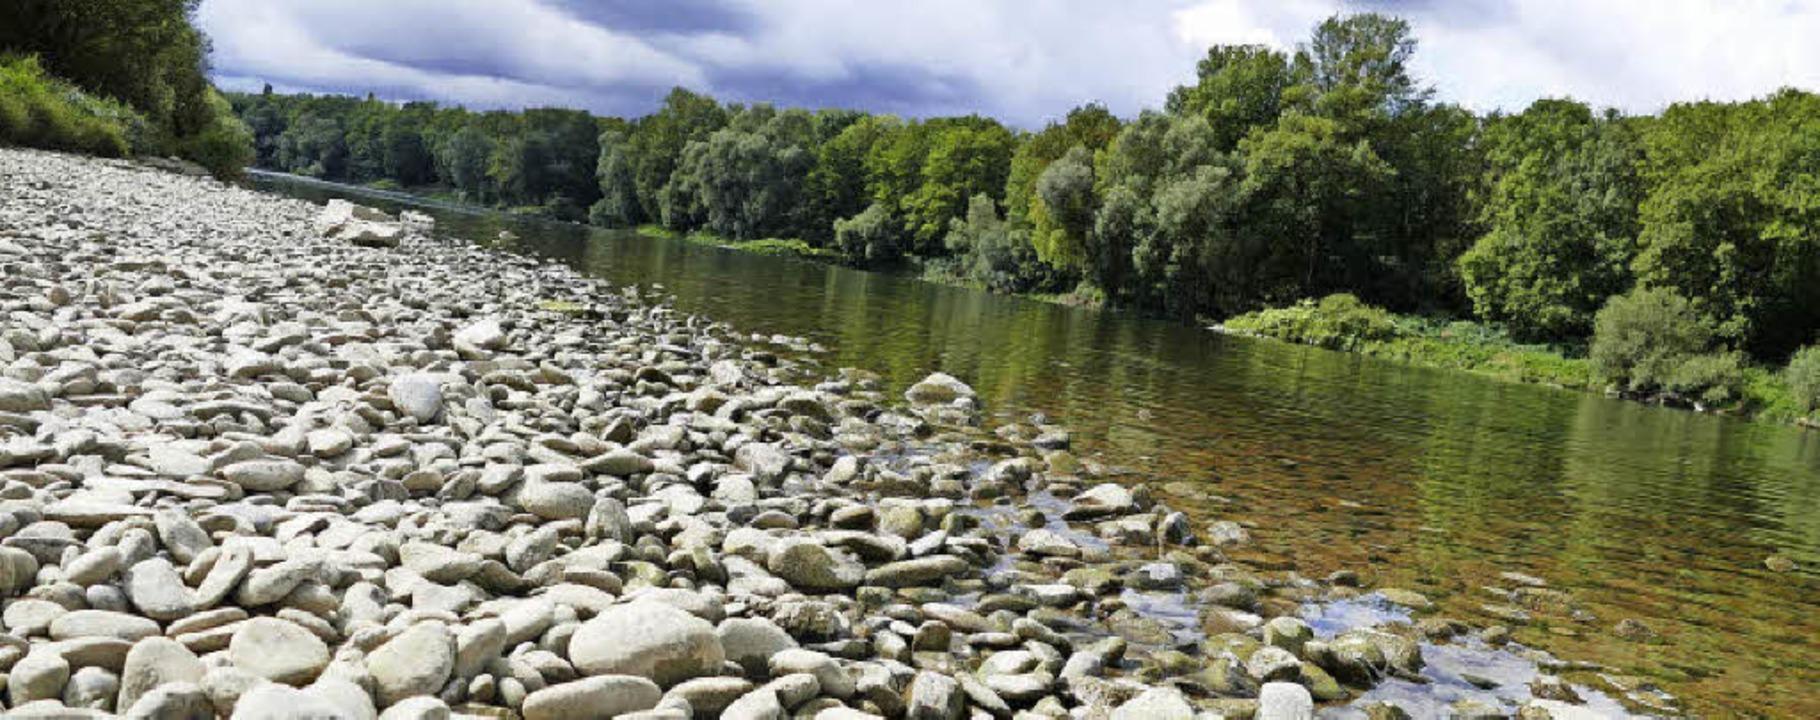 Der Altrhein an der Nato-Rampe bei Neu...Grißheim führt nur noch wenig Wasser.   | Foto: Jonas Hirt